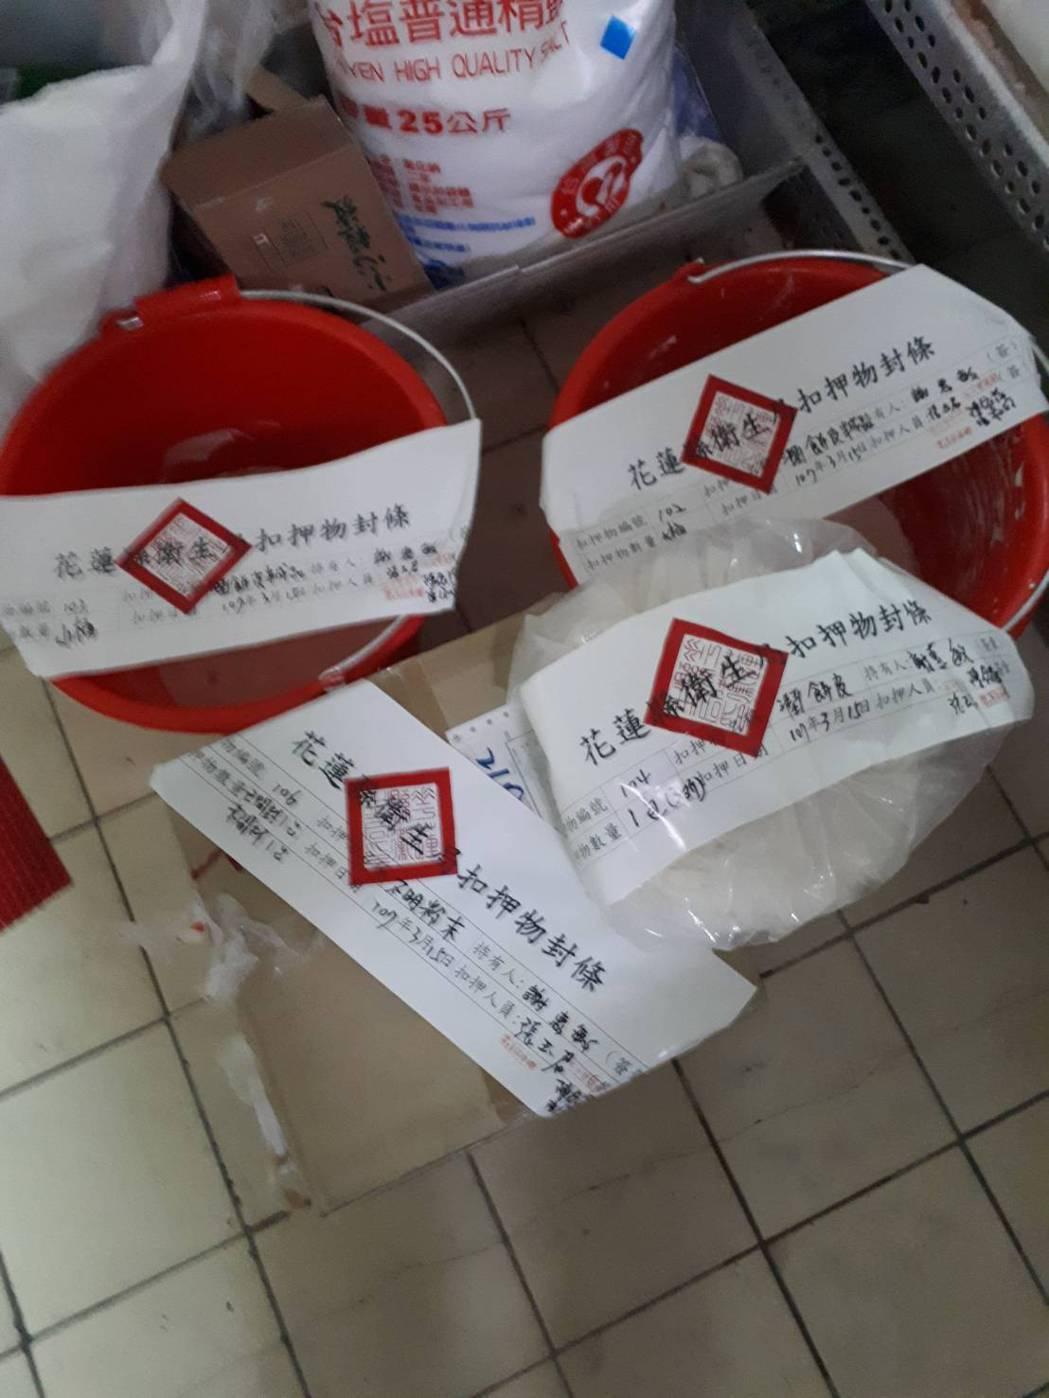 花蓮縣衛生局依食安法將不合格食材銷毀。圖/衛生局提供